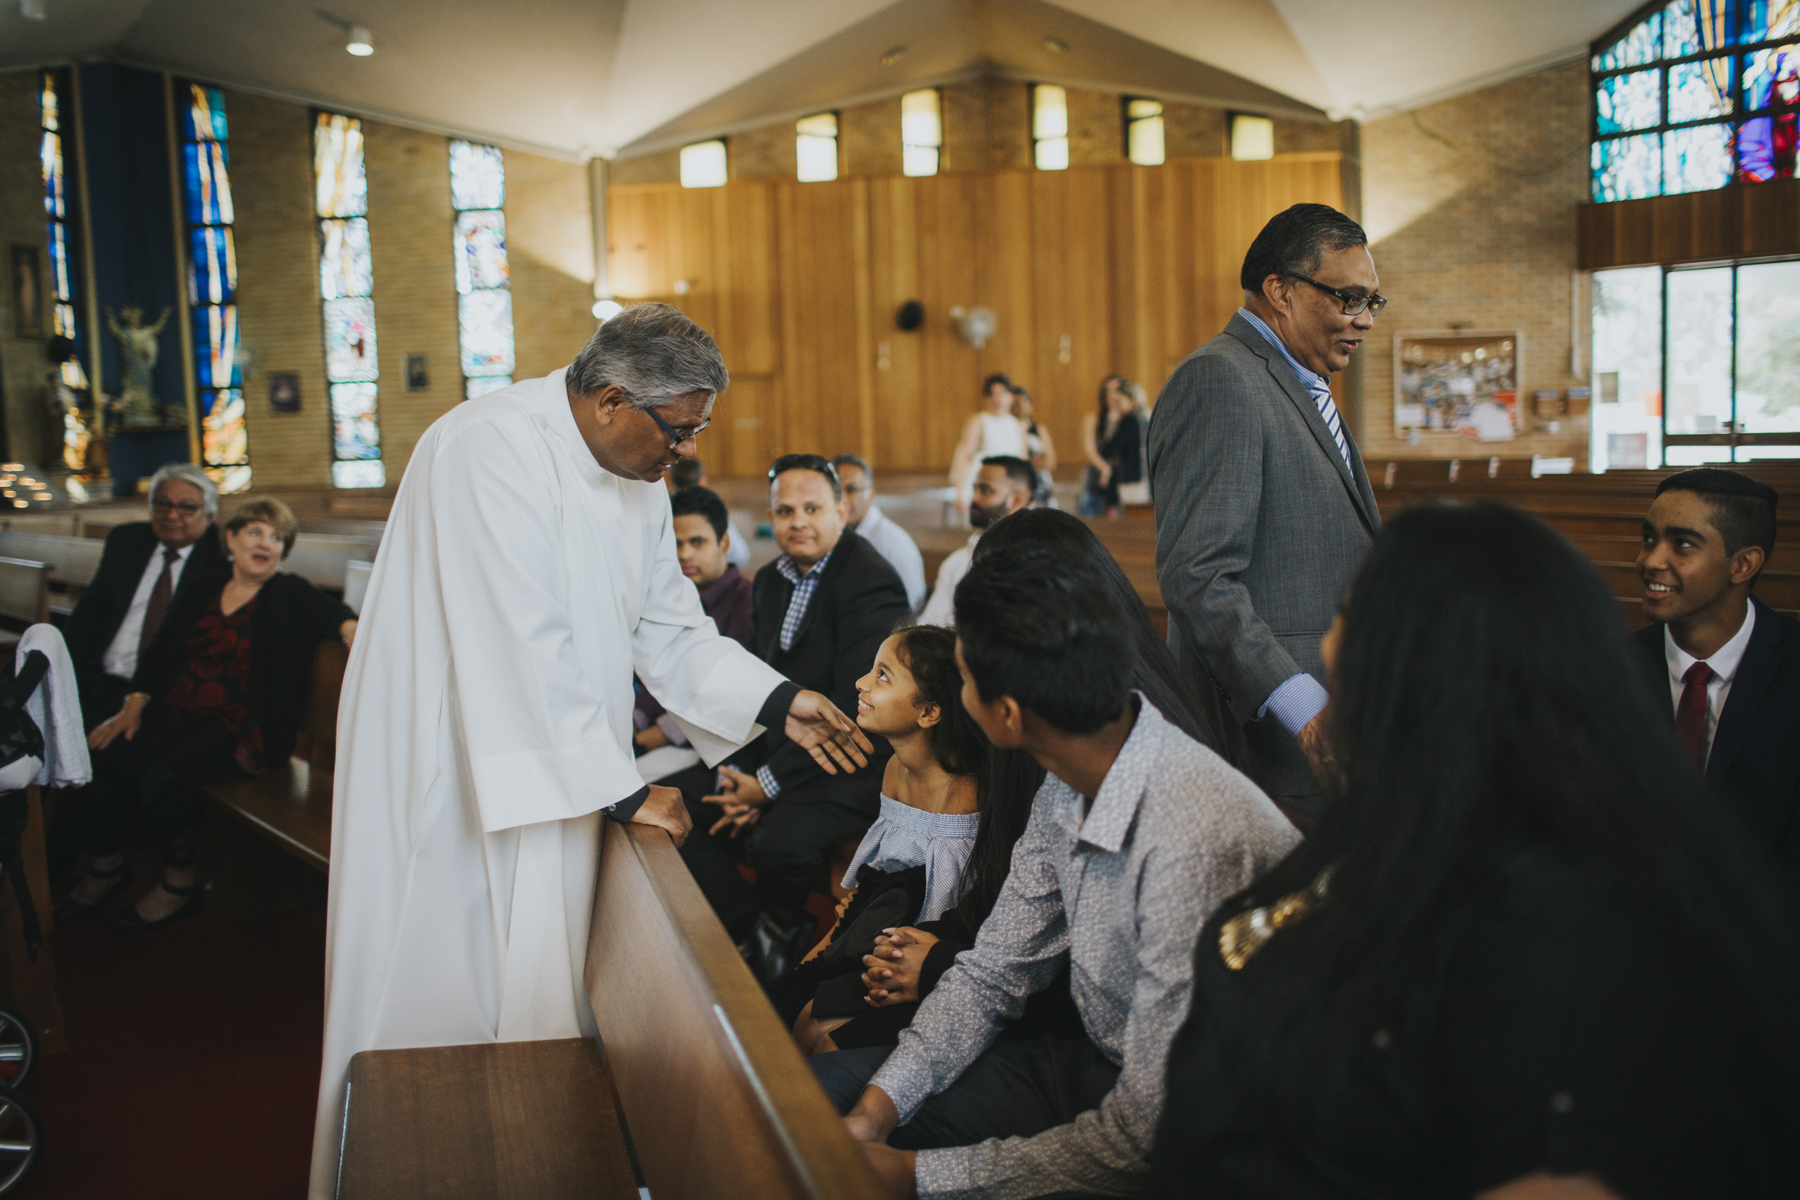 sydney_christening_photography-12.jpg